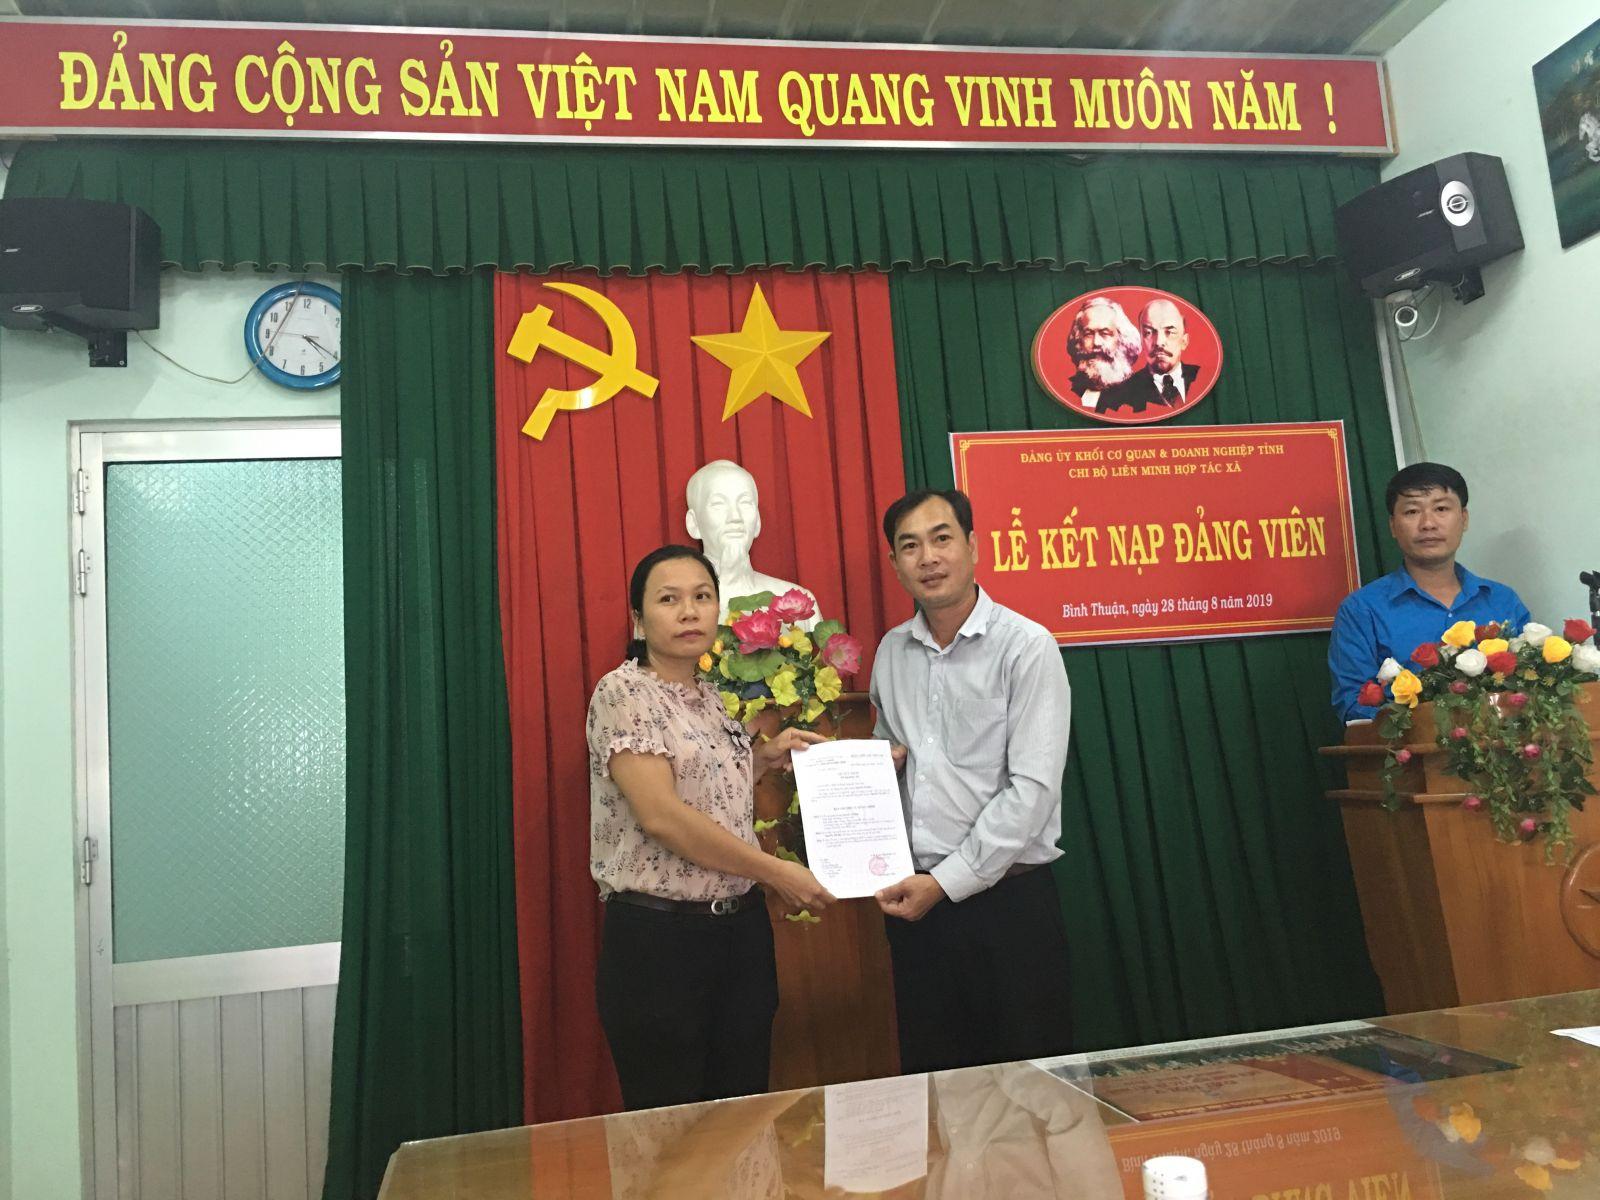 Hình Chi bộ Liên minh hợp tác xã tổ chức Lễ kết nạp đảng viên